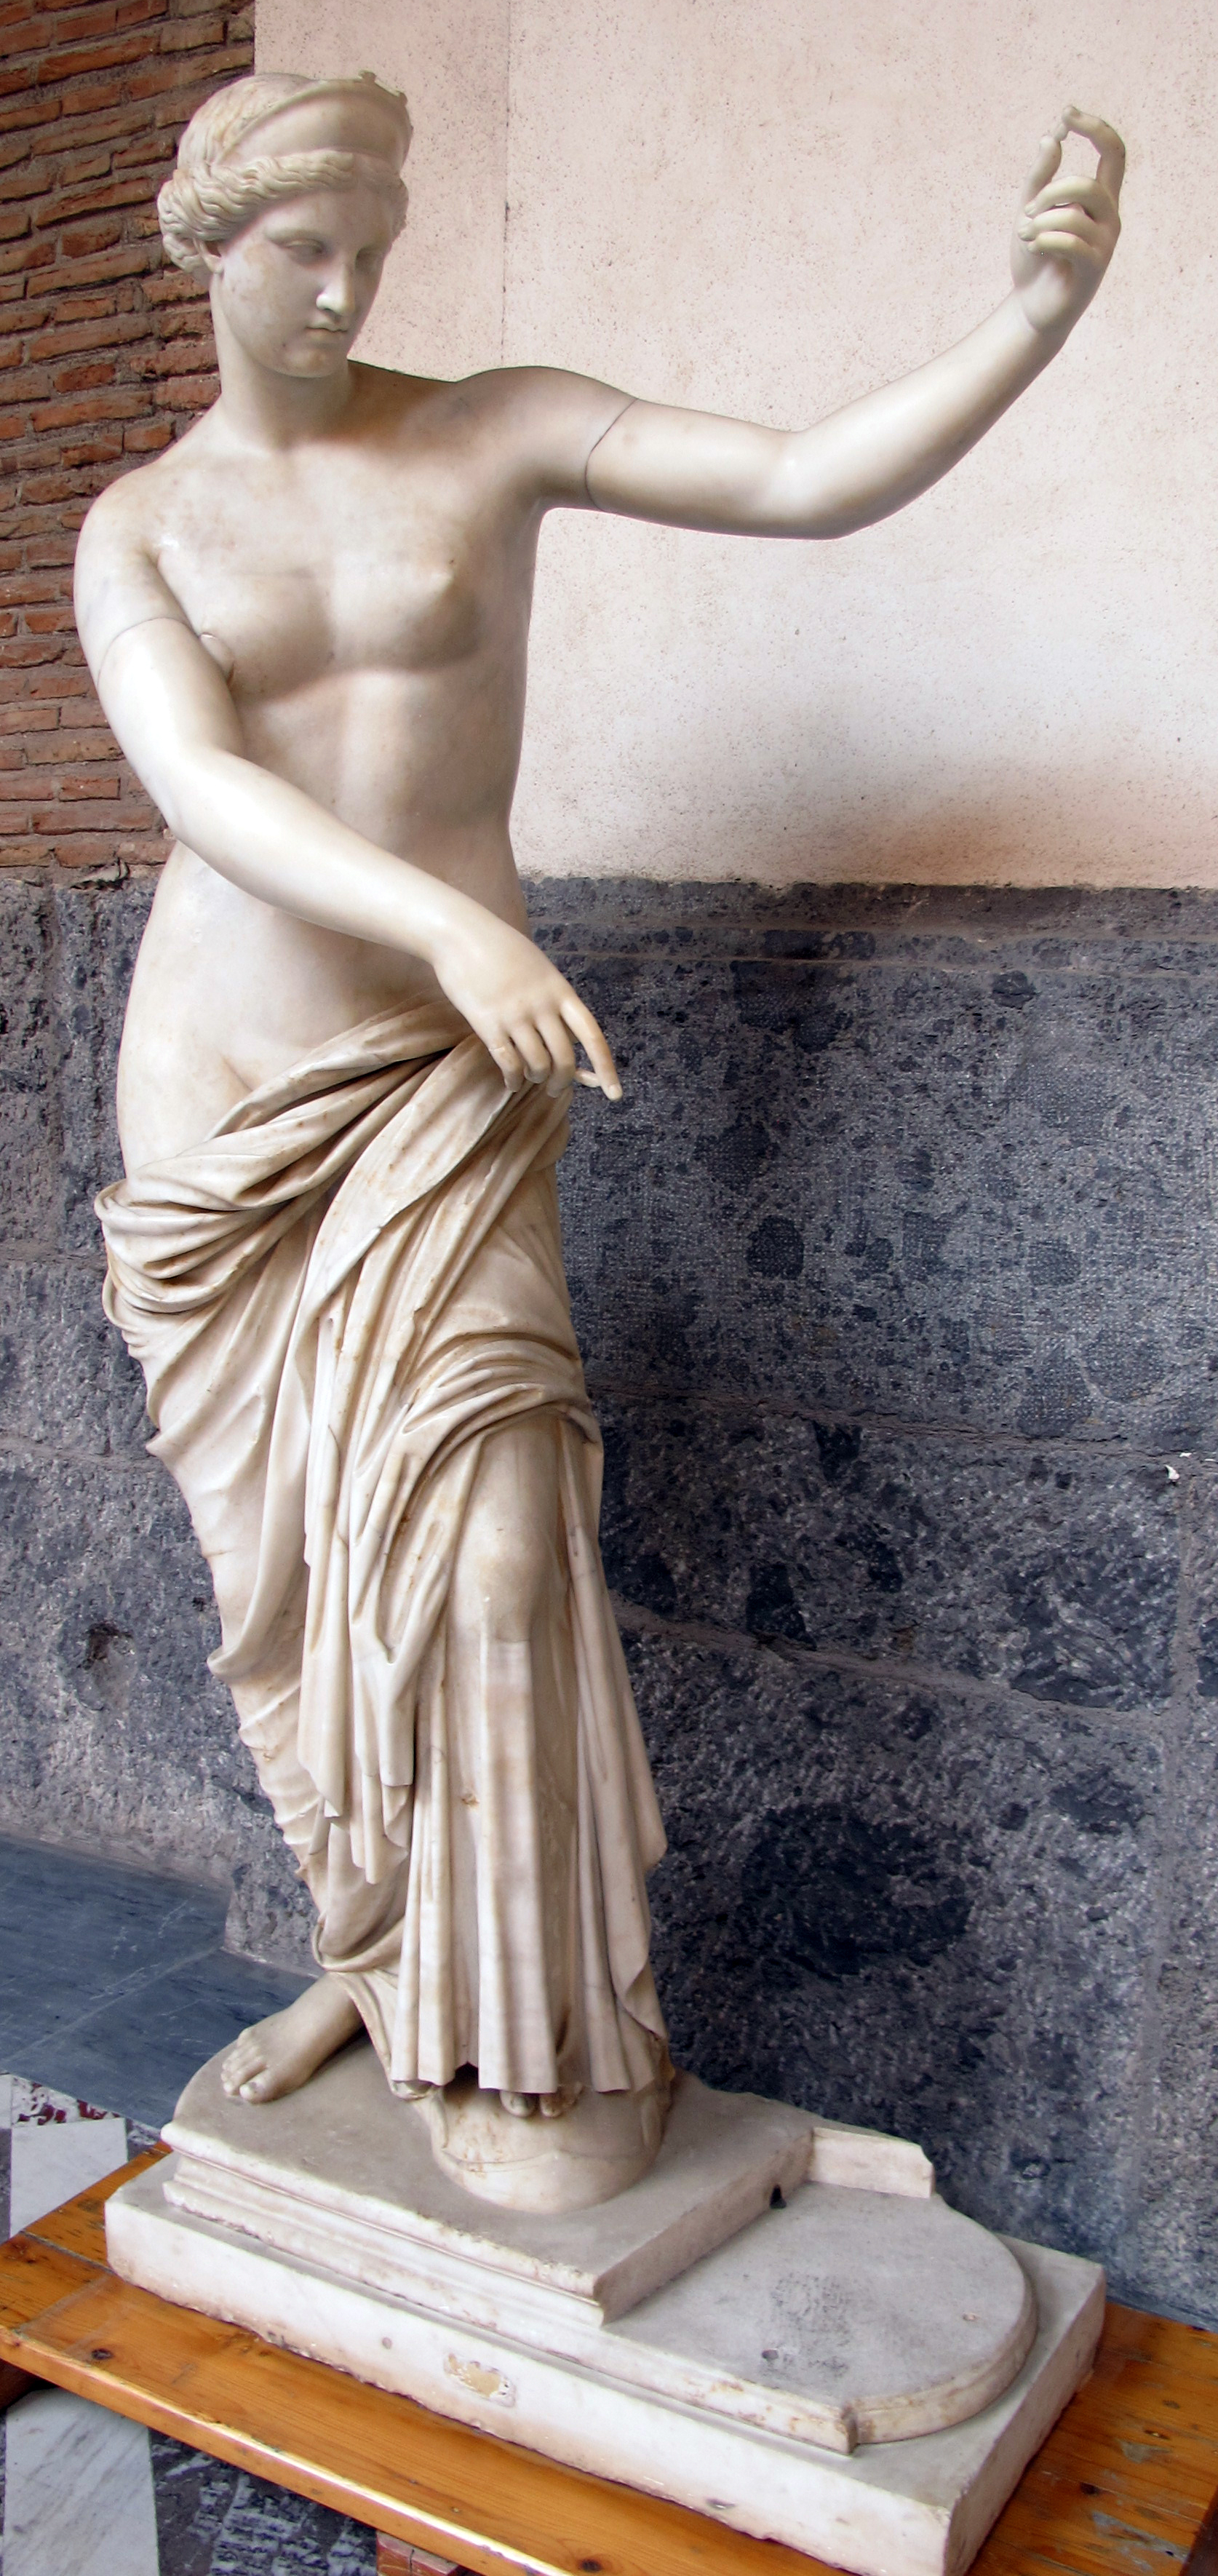 Afrodite_di_capua,_copia_romana_da_orig._greco_ellenistico_della_310-200_ac_ca.,_6017,_01.jpg